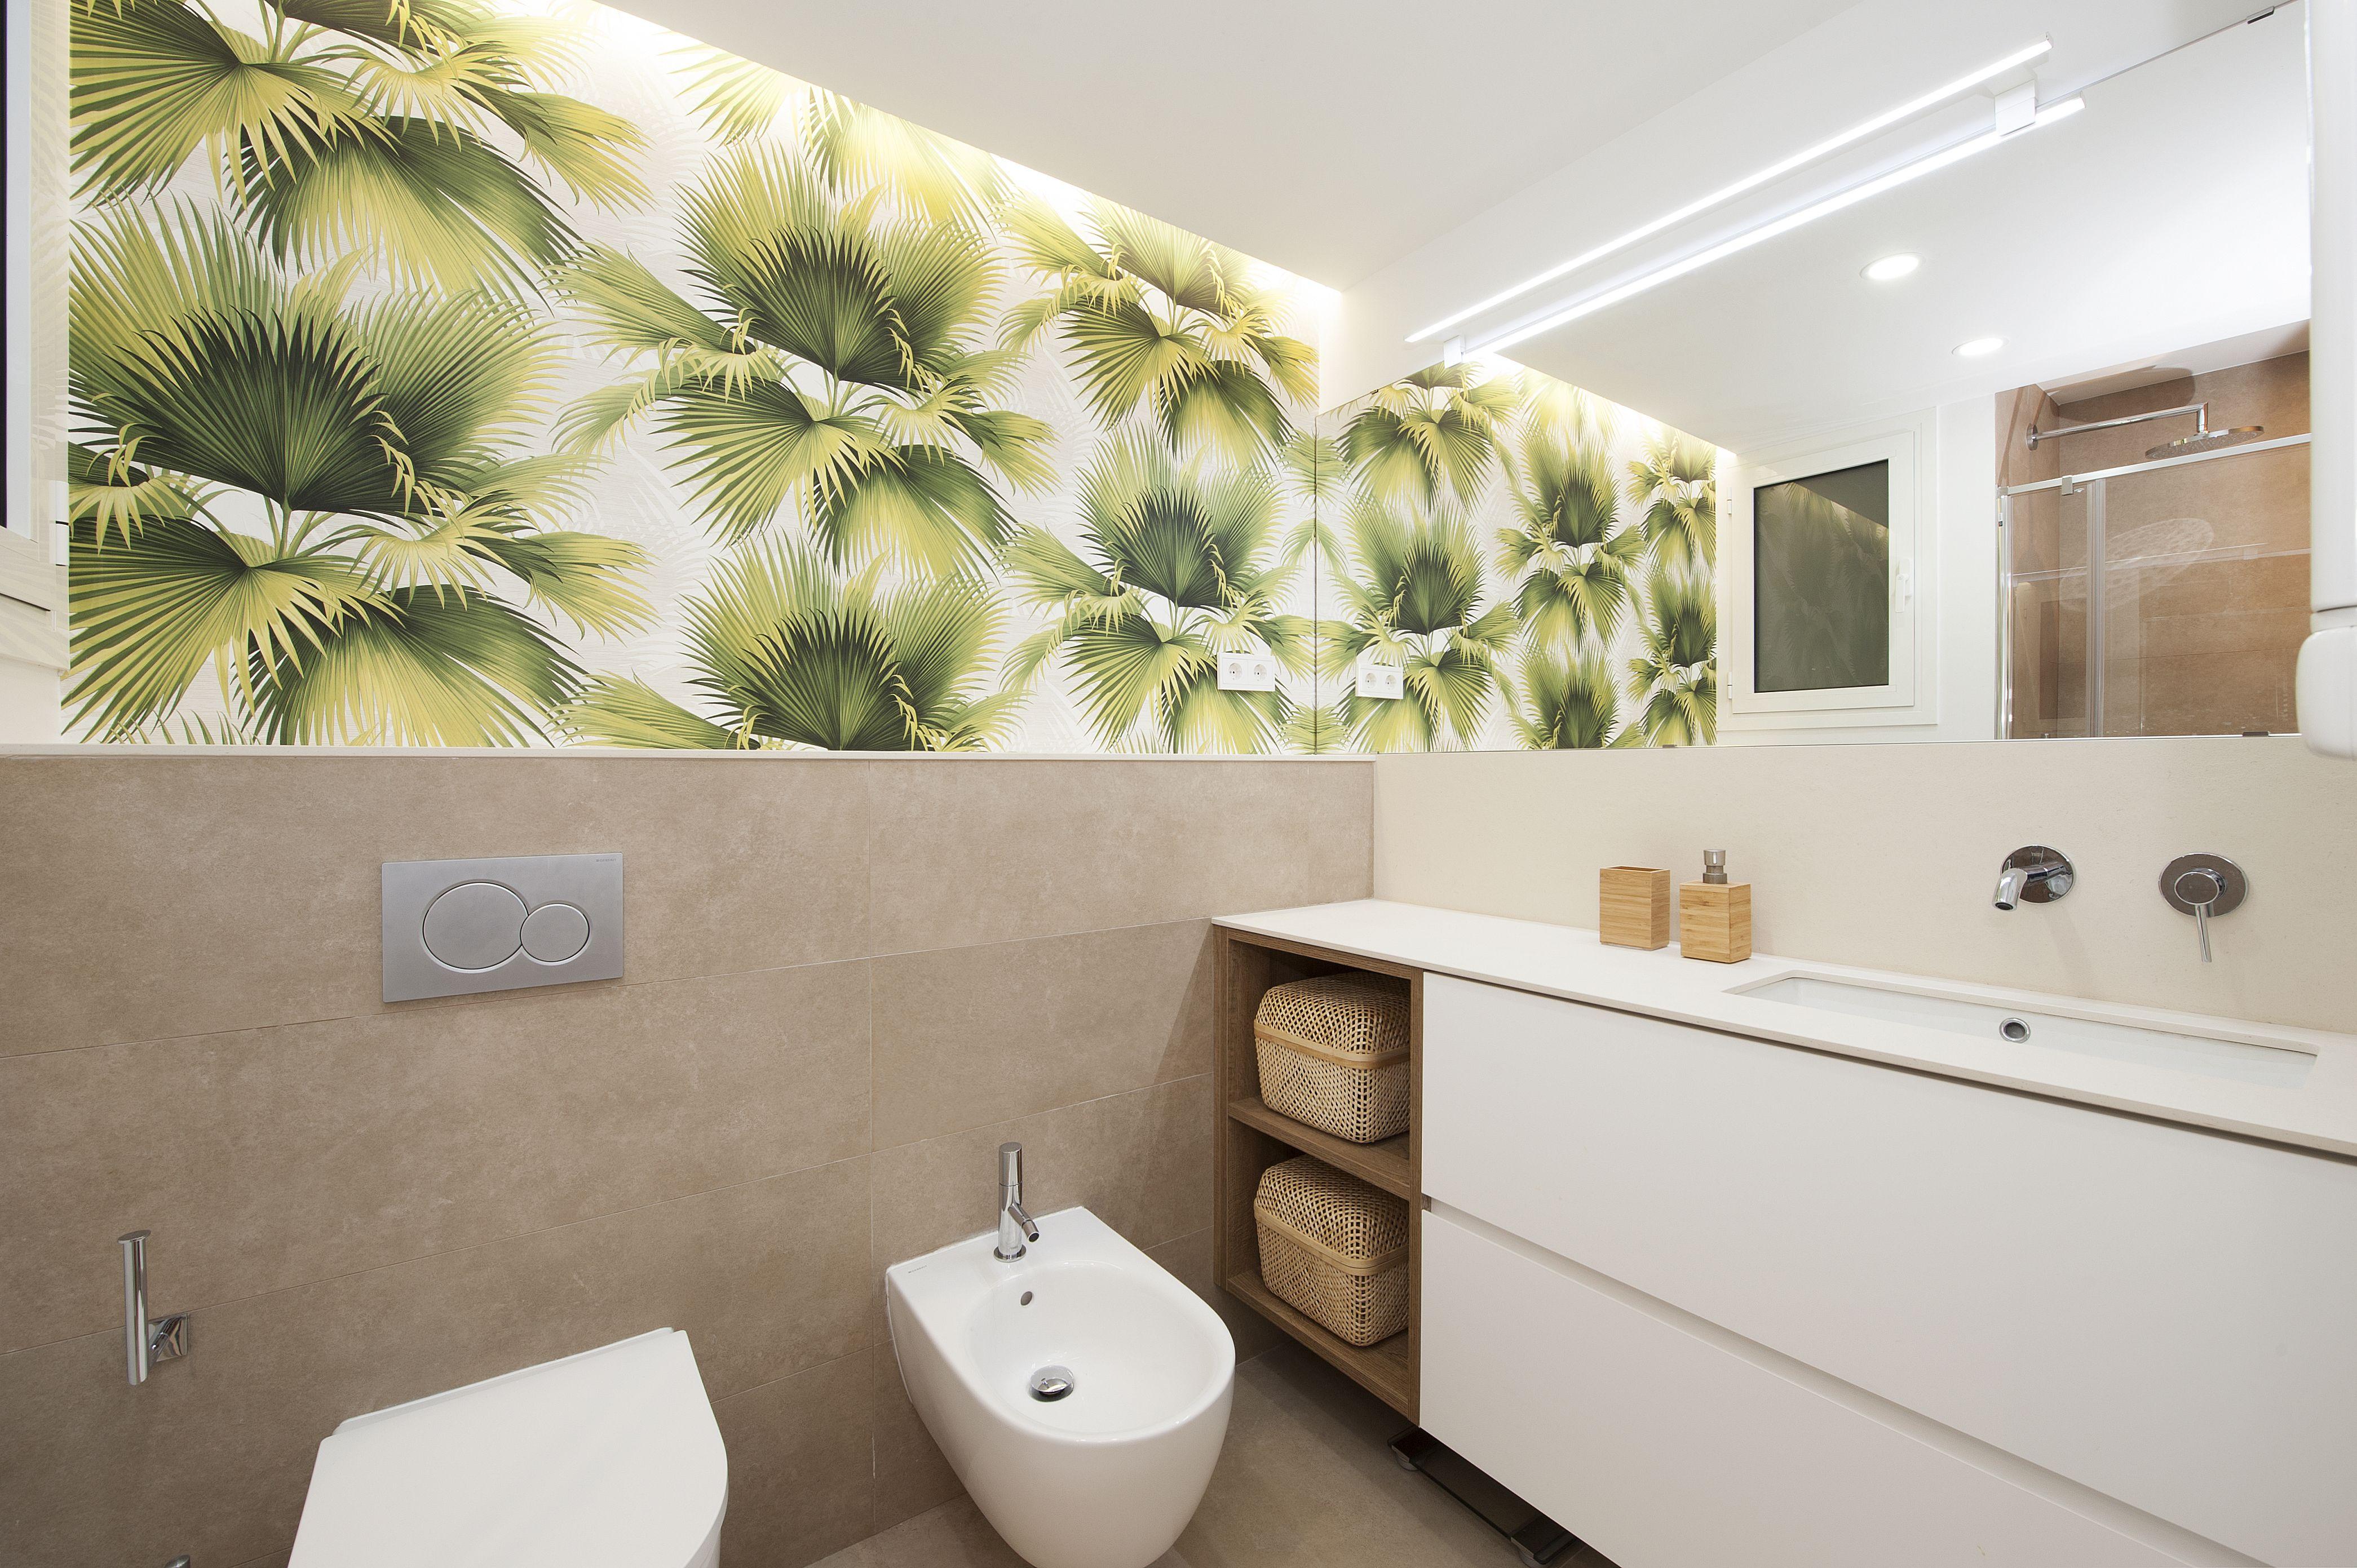 Baño moderno | Reforma de piso Sincro | Pisos, Lavabos ...